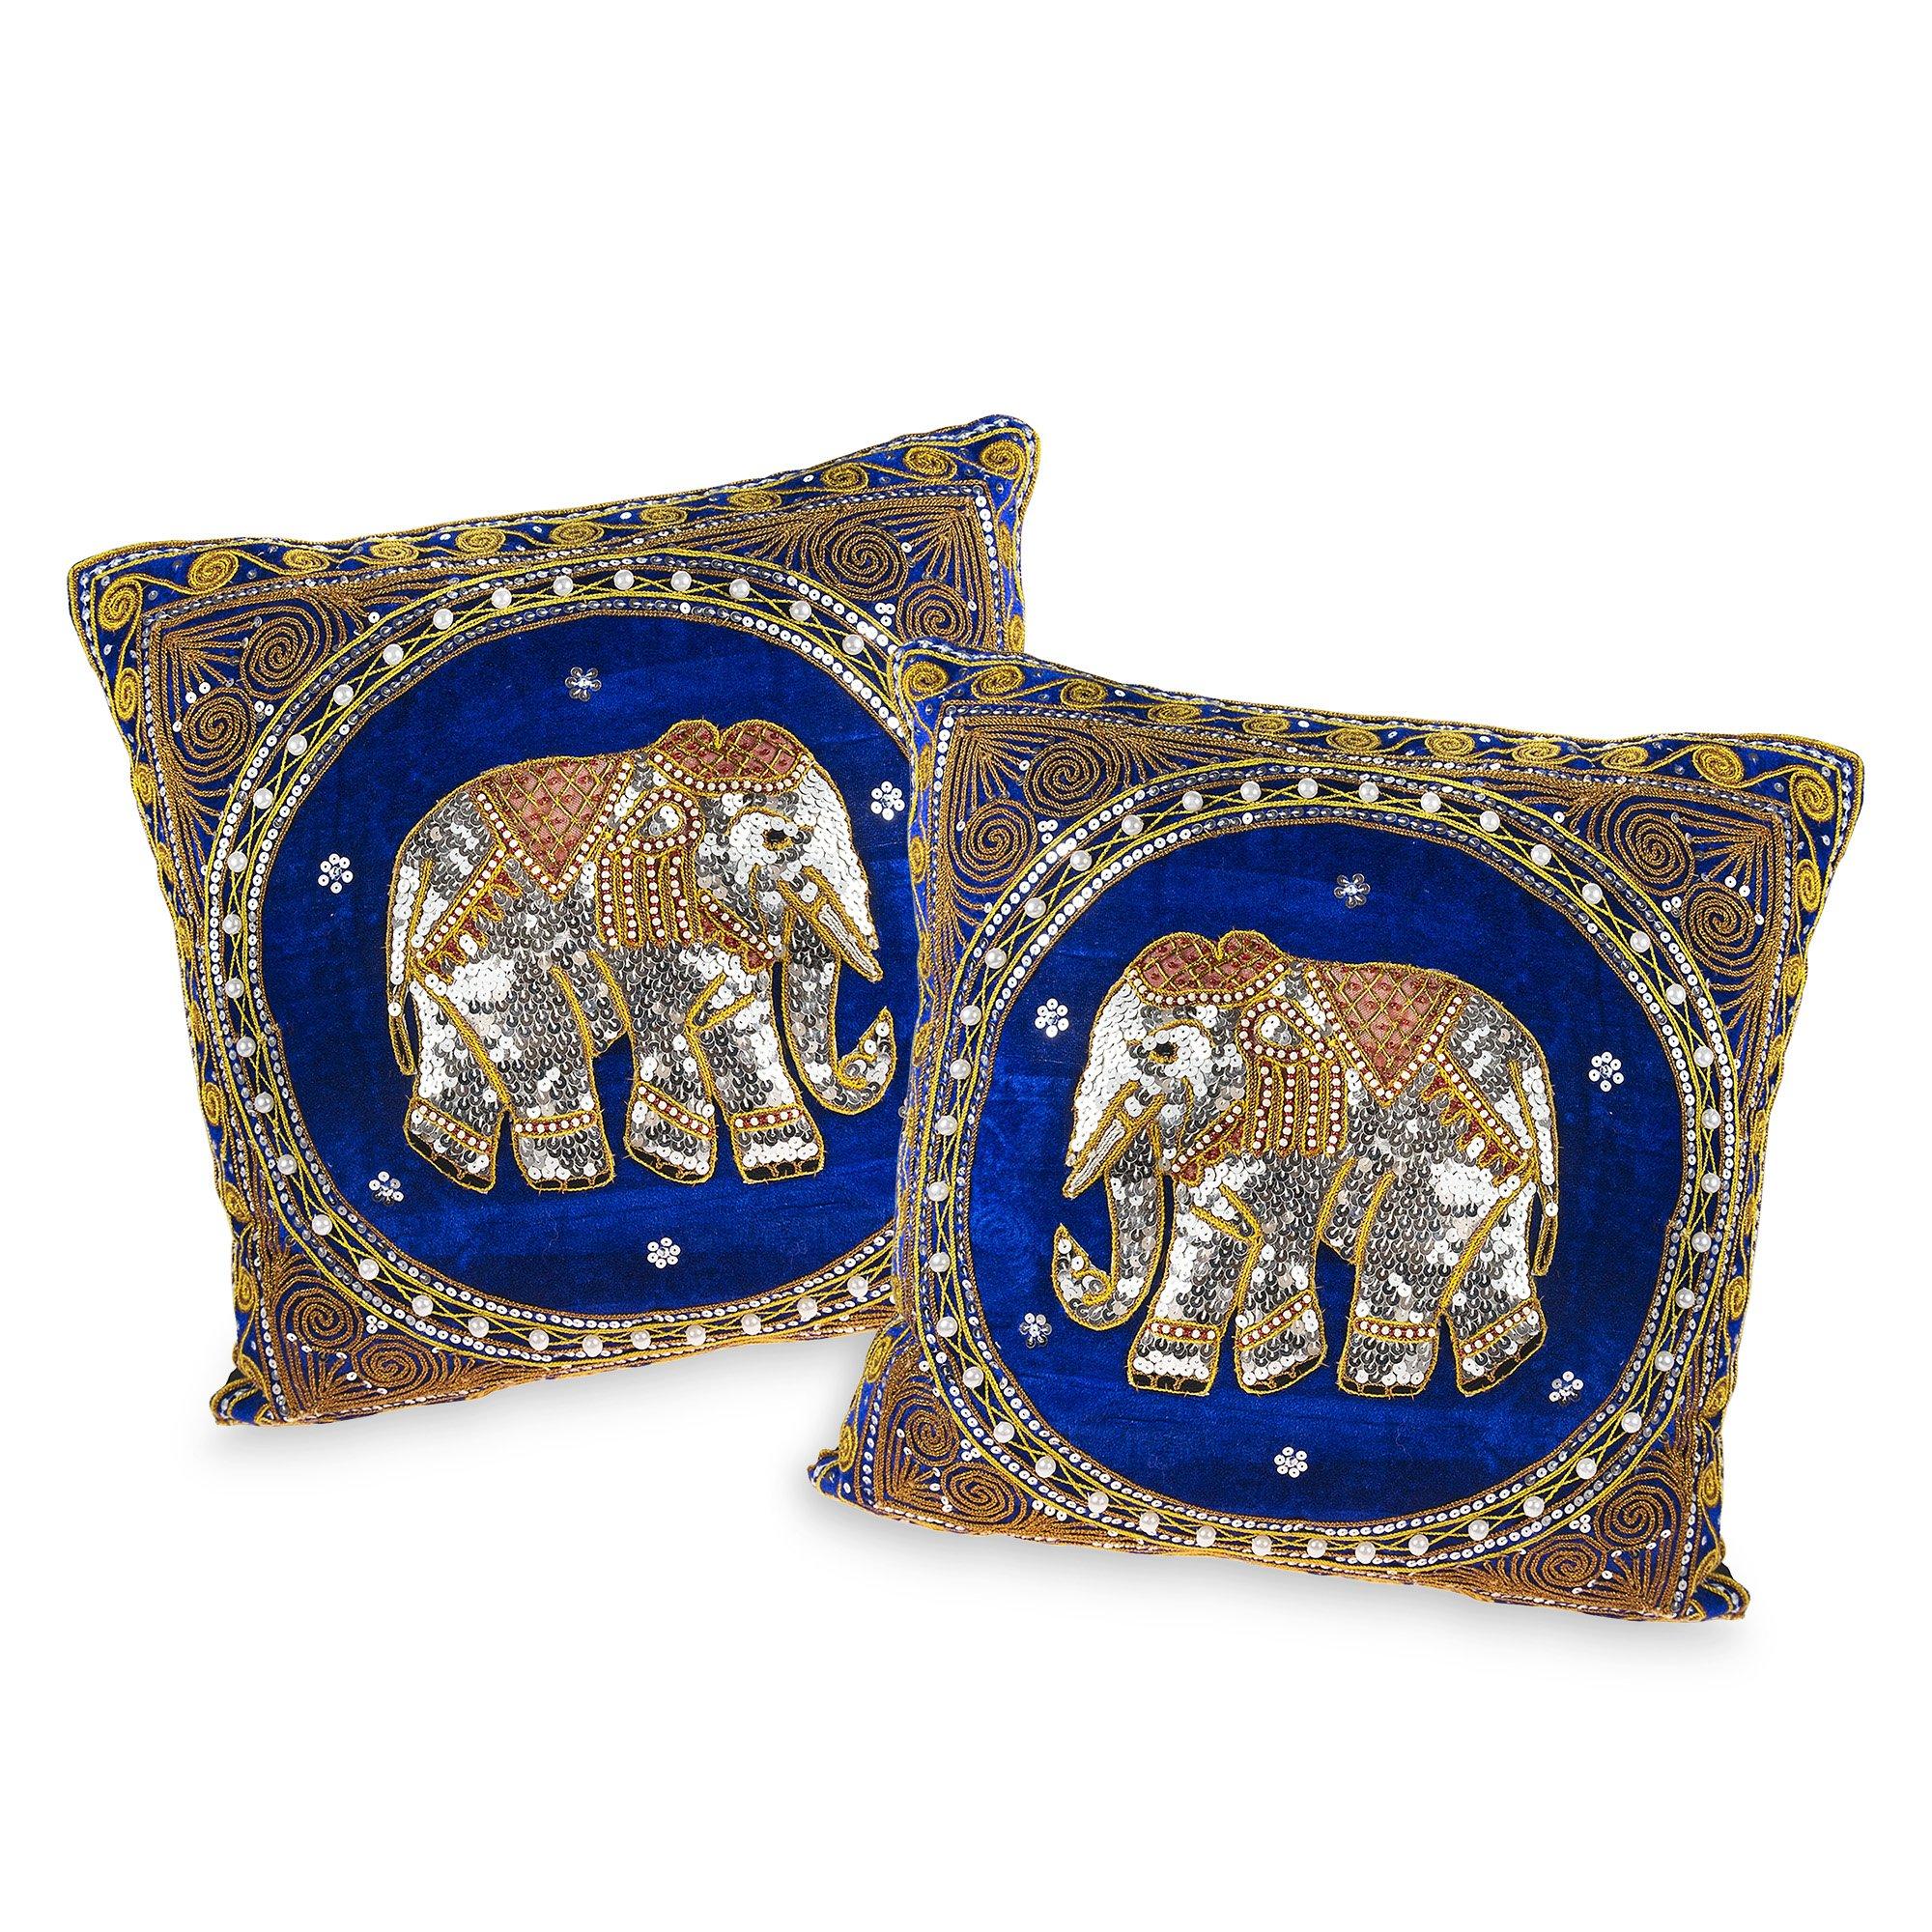 AeraVida Thai Elephant Embroidered Velvet Throw Pillow Cases Set of 2 Blue